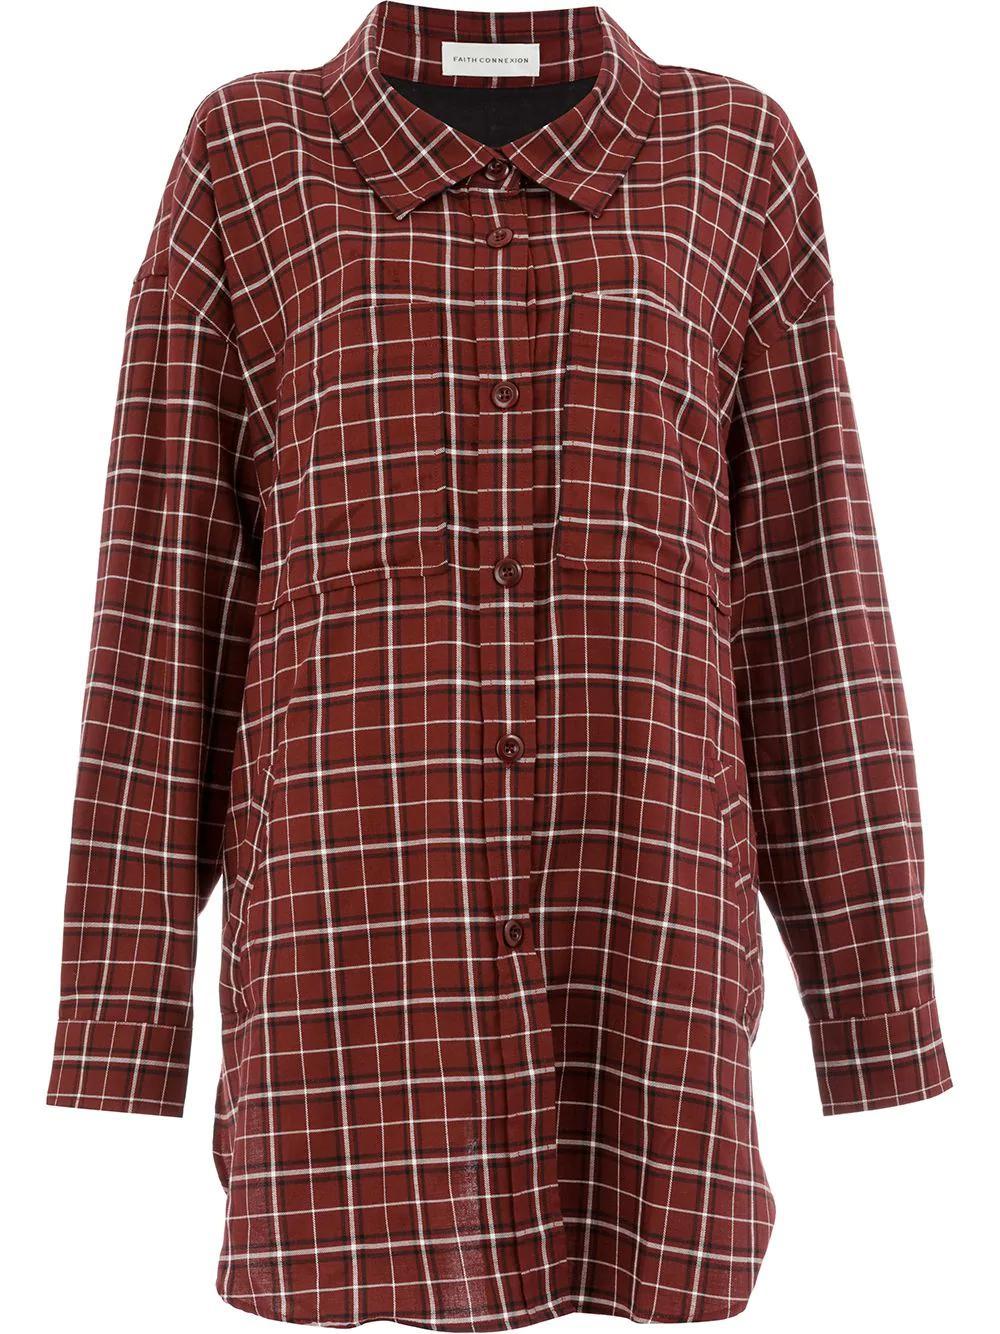 052556e7e4 Faith Connexion Oversized Checked Shirt In Red | ModeSens